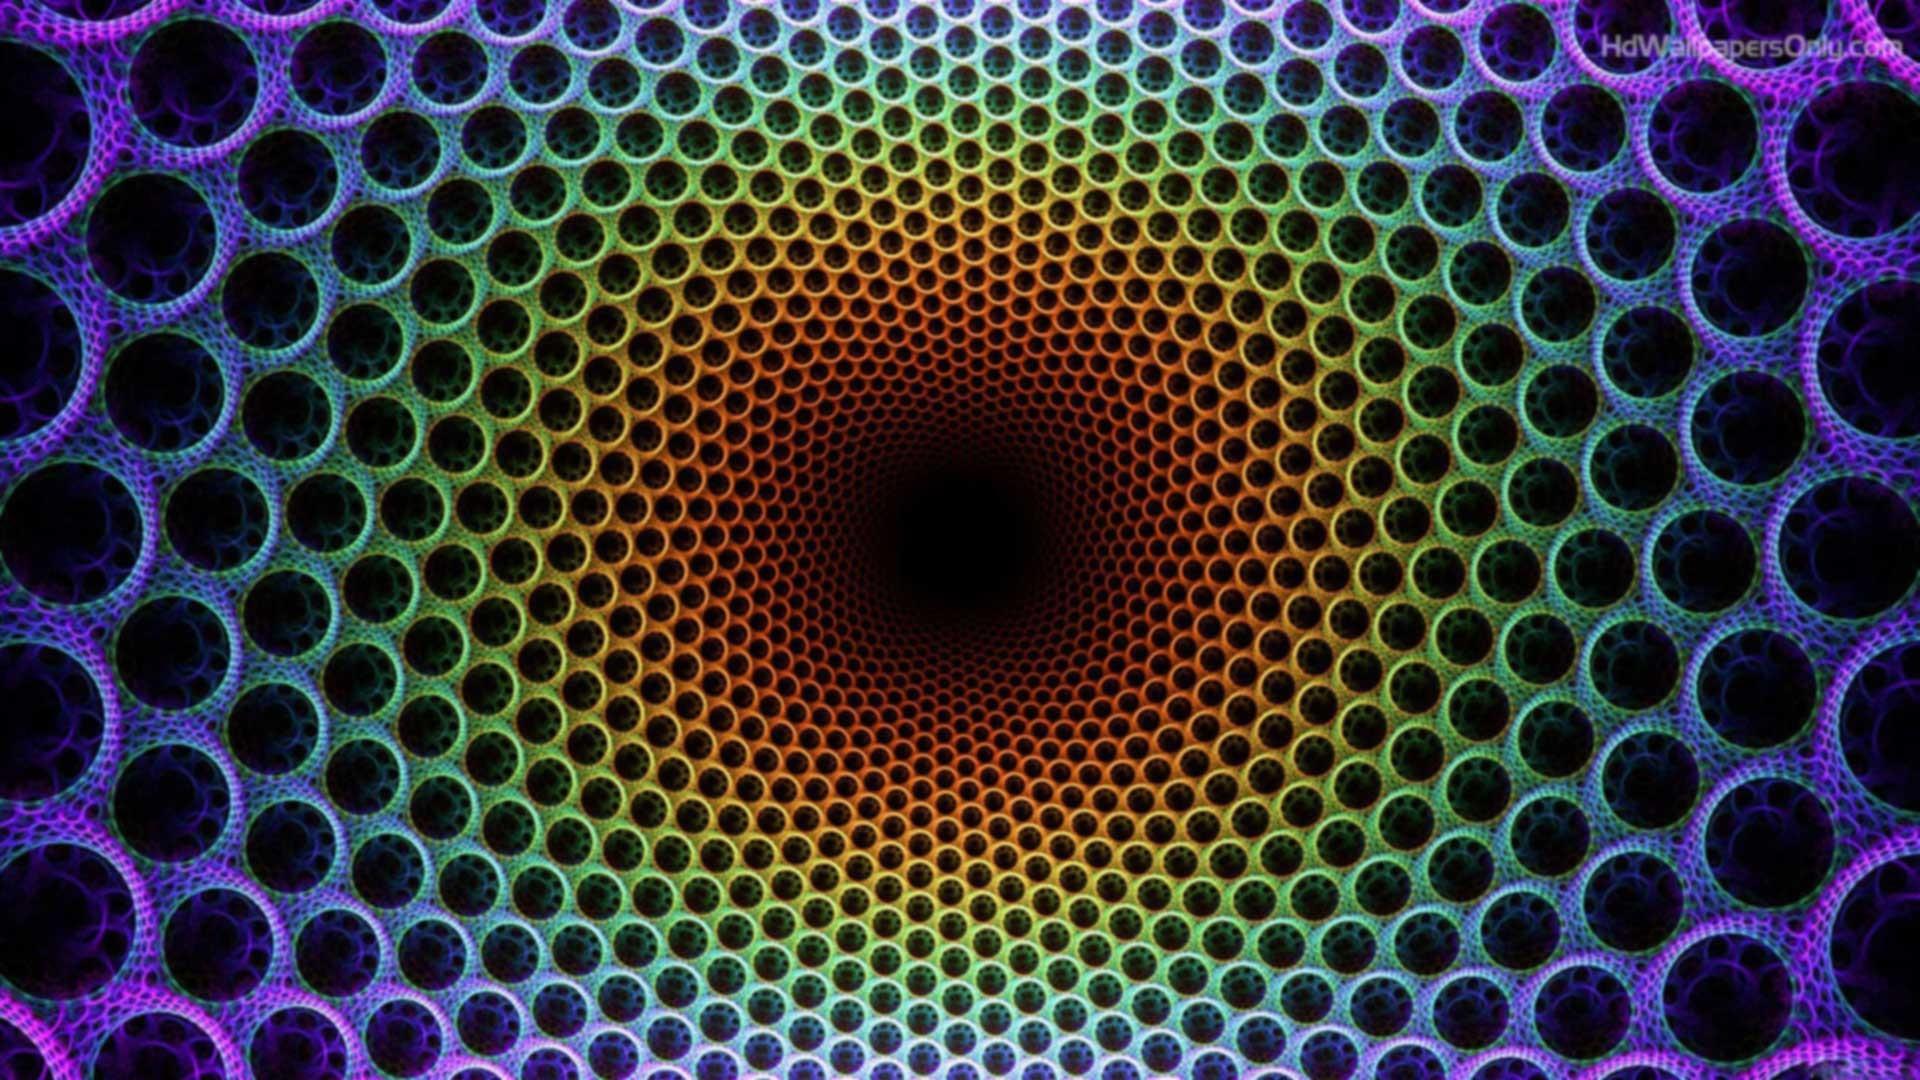 1920x1080 Optical Illusion Iphone Wallpaper Design Ideas Illusions